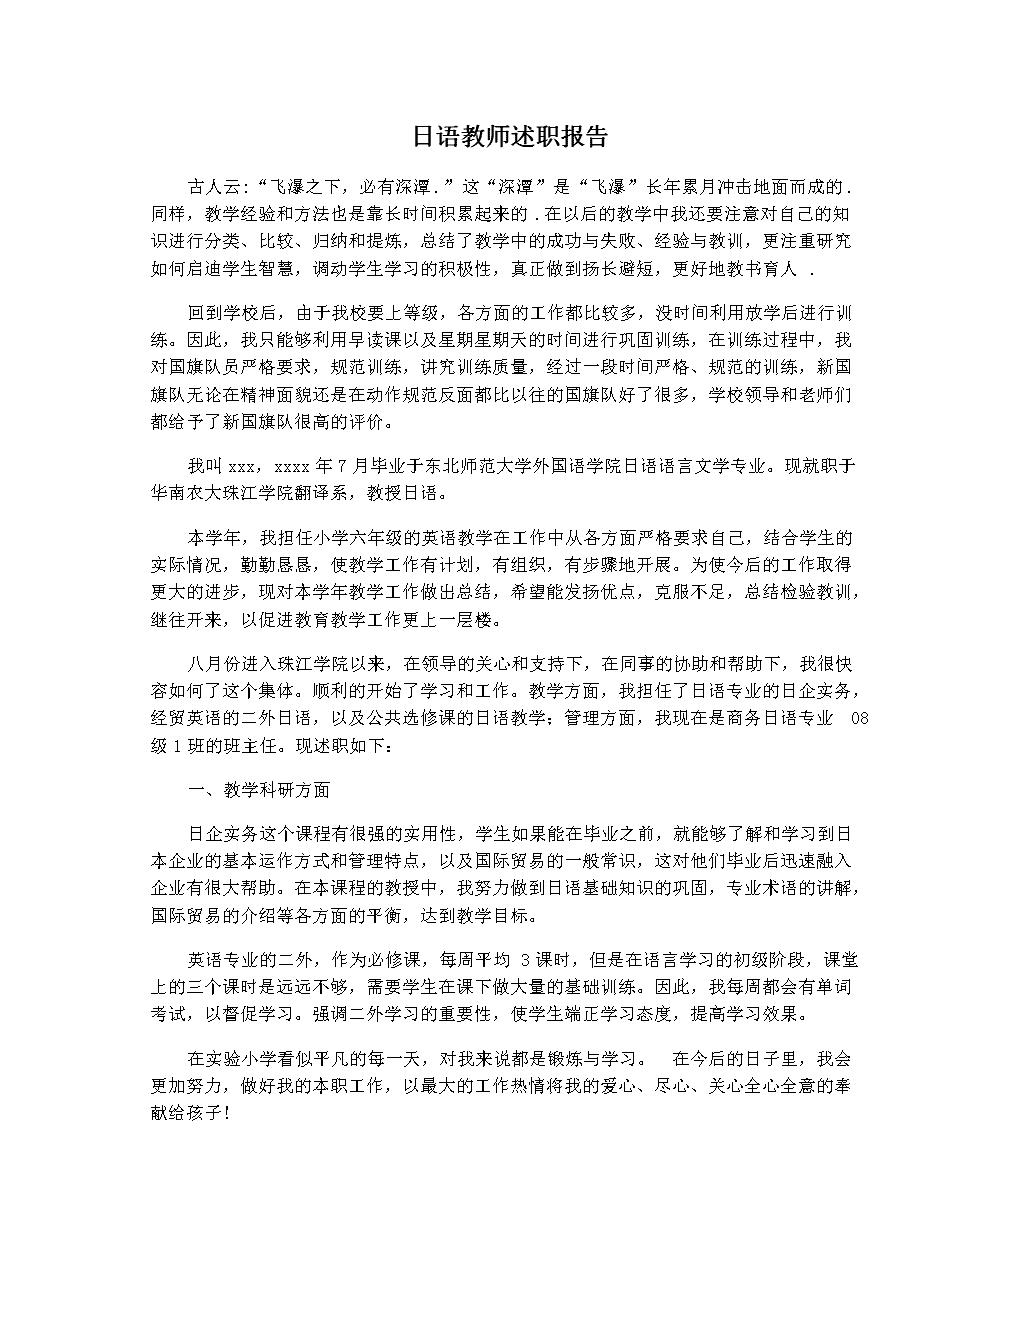 日语教师述职报告.docx